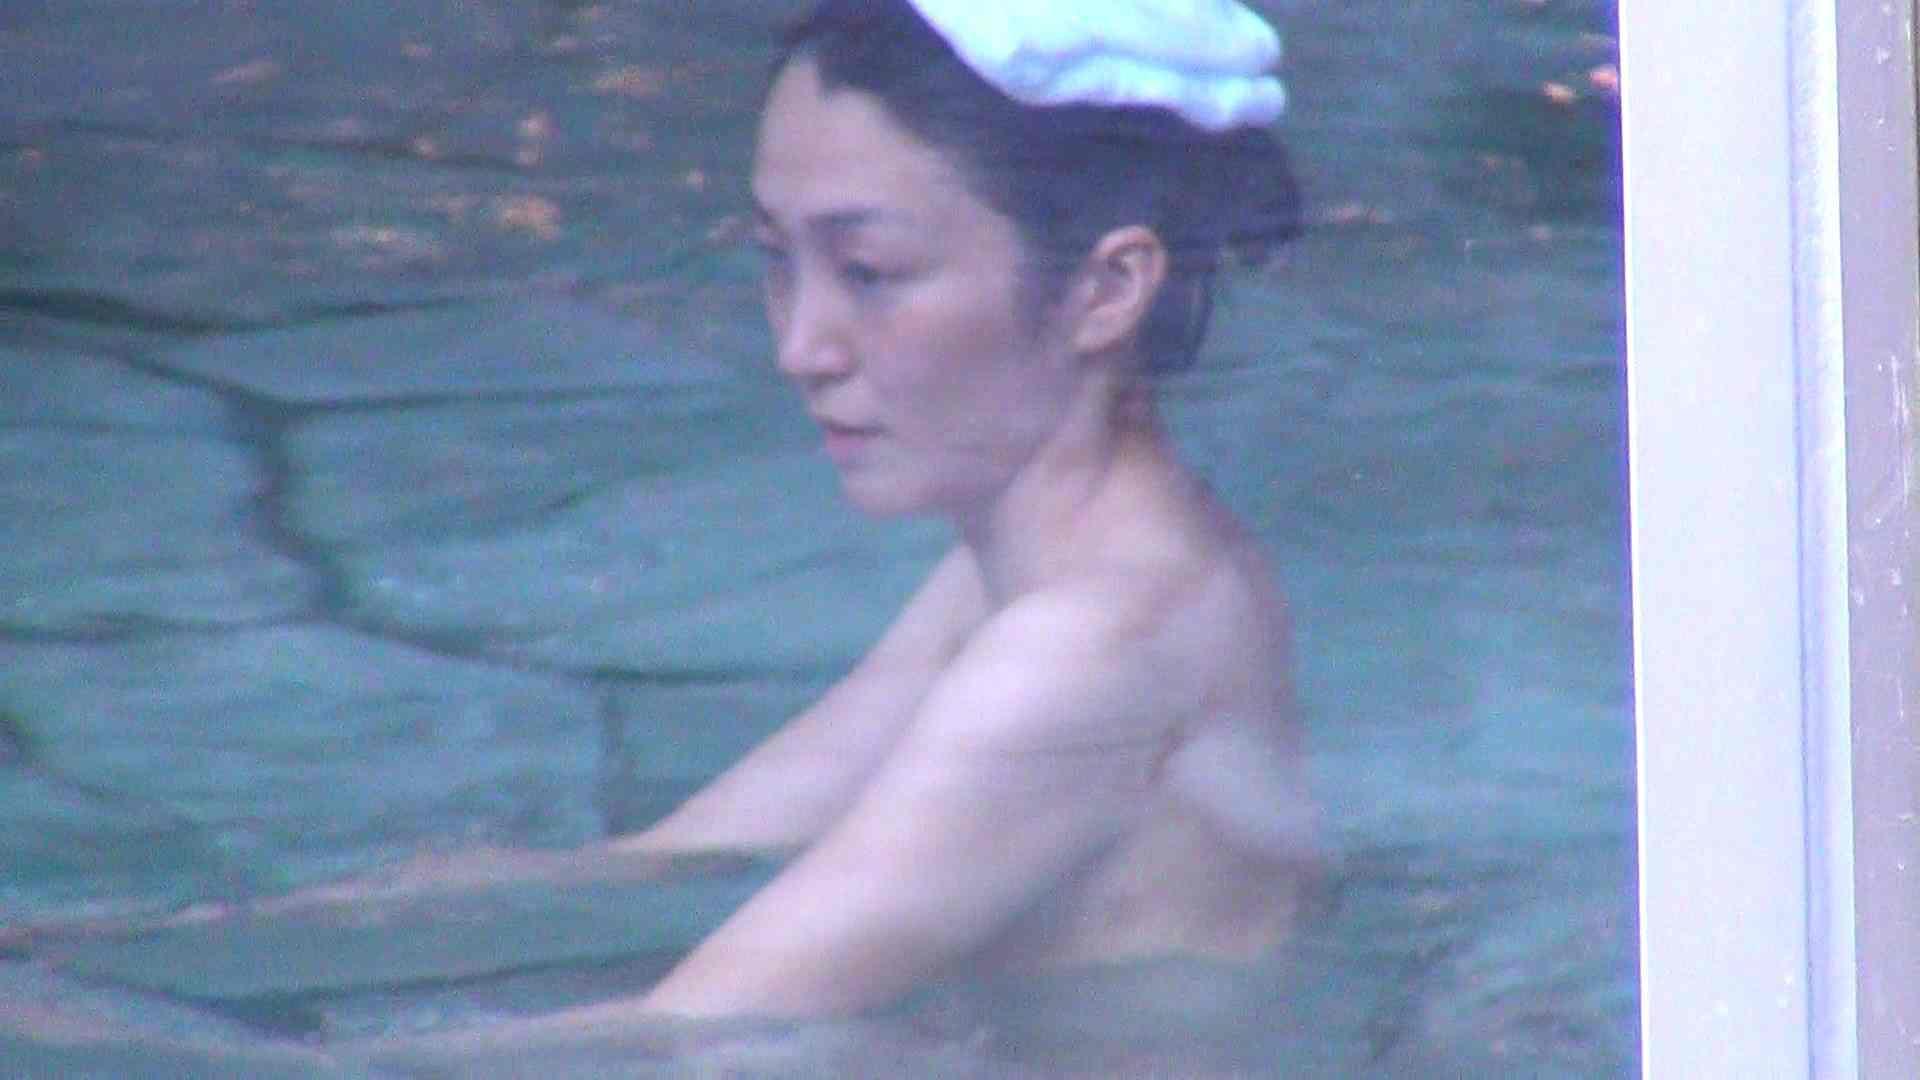 Aquaな露天風呂Vol.290 盗撮シリーズ  103PIX 28